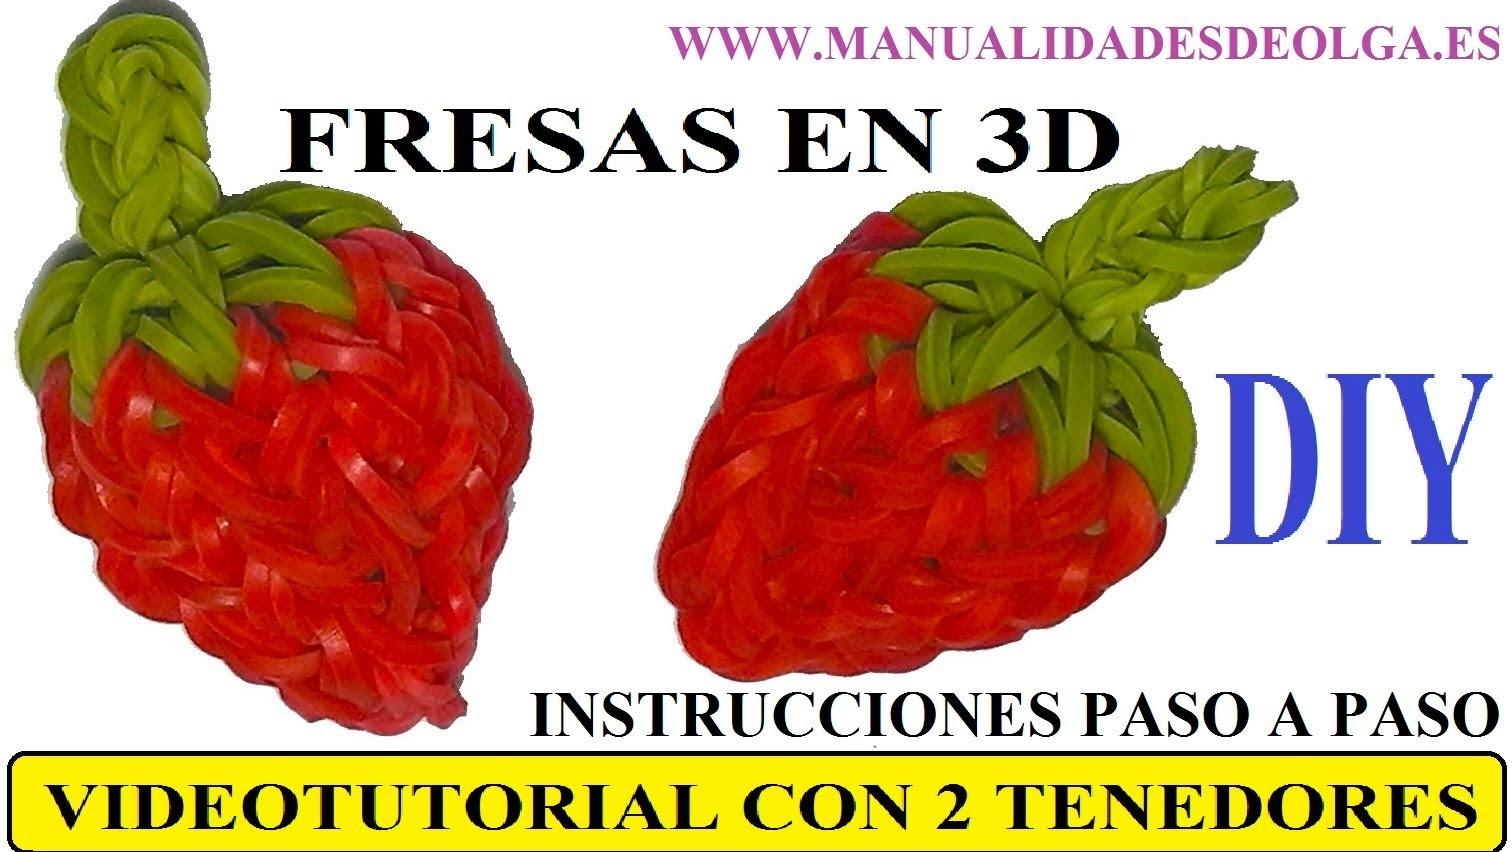 COMO HACER UNA FRESA 3D DE GOMITAS (LIGAS) CHARMS CON DOS TENEDORES. VIDEOTUTORIAL DIY.